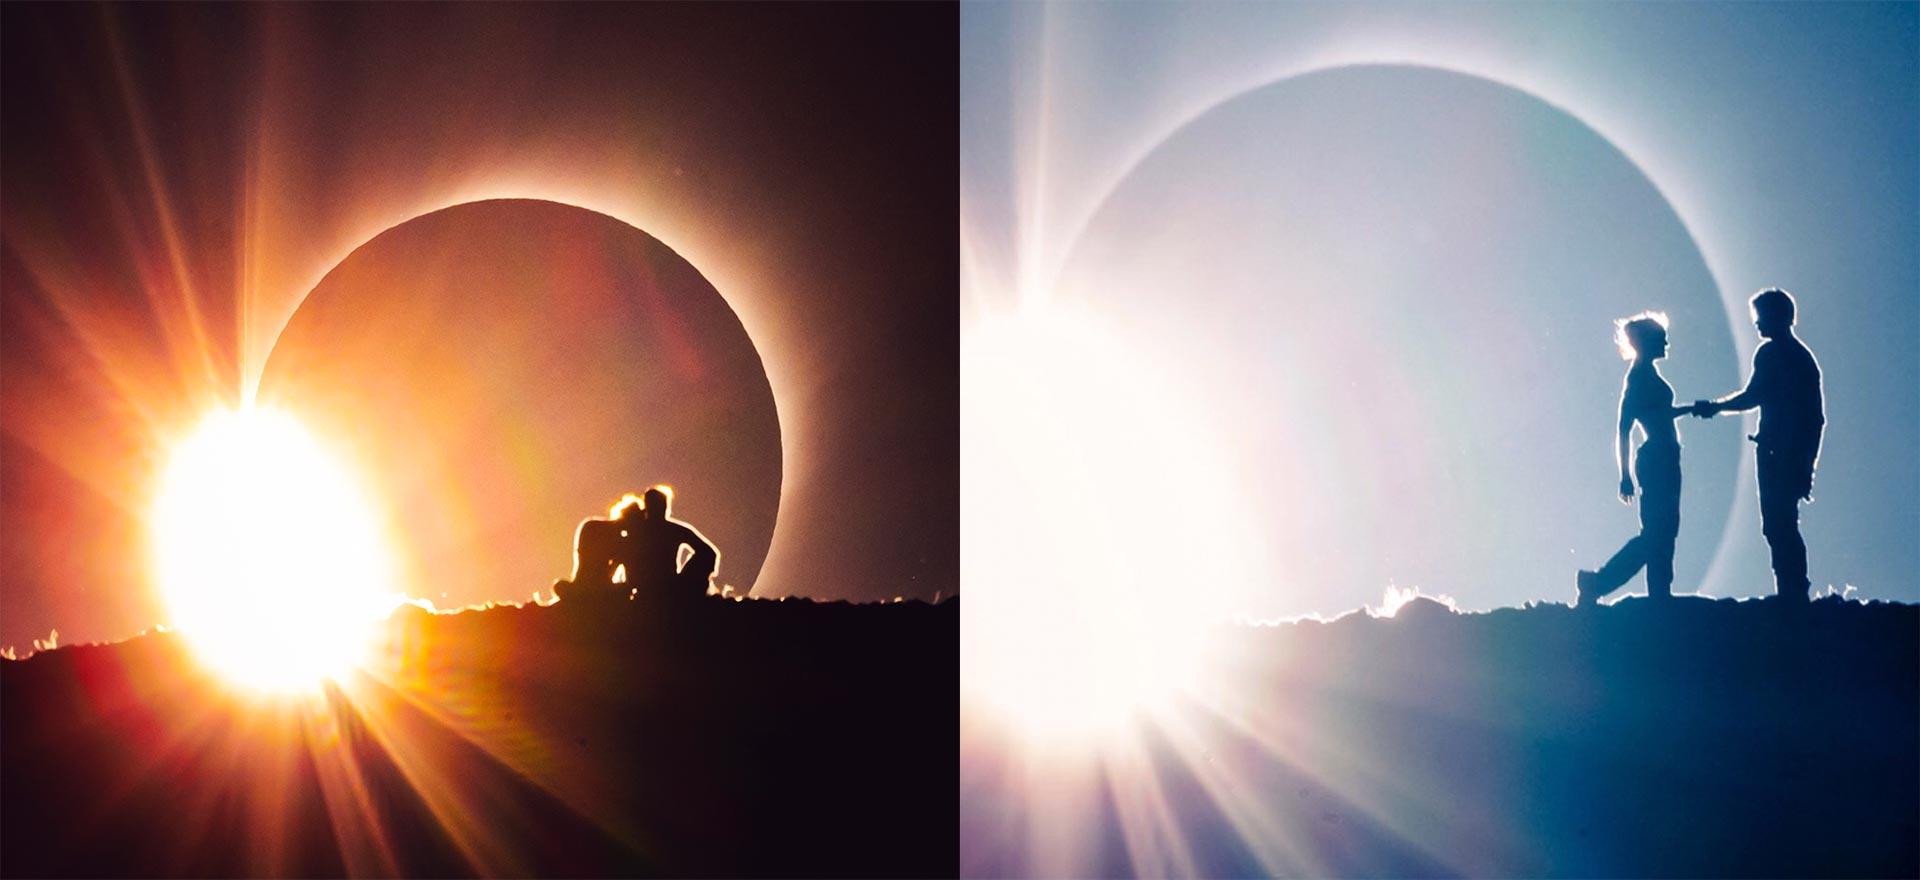 Honako hau da zinemako lehen eszena atzeko planoan eguzki eklipsea duena.  Besterik ez zuten 2 minutu